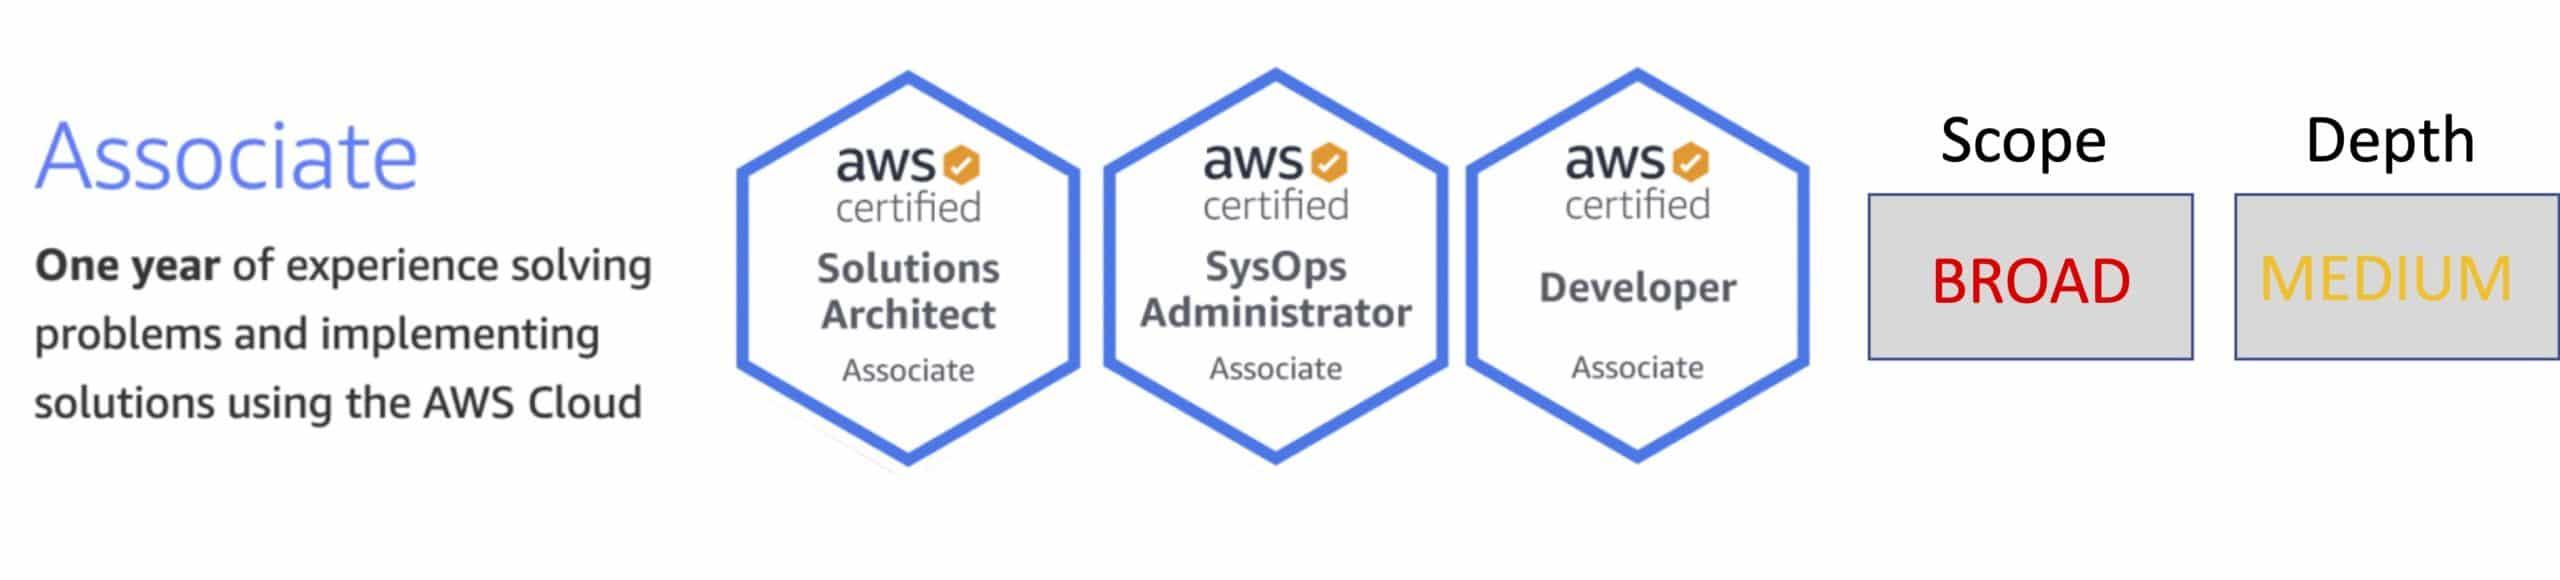 AWS Associate Level Certifications